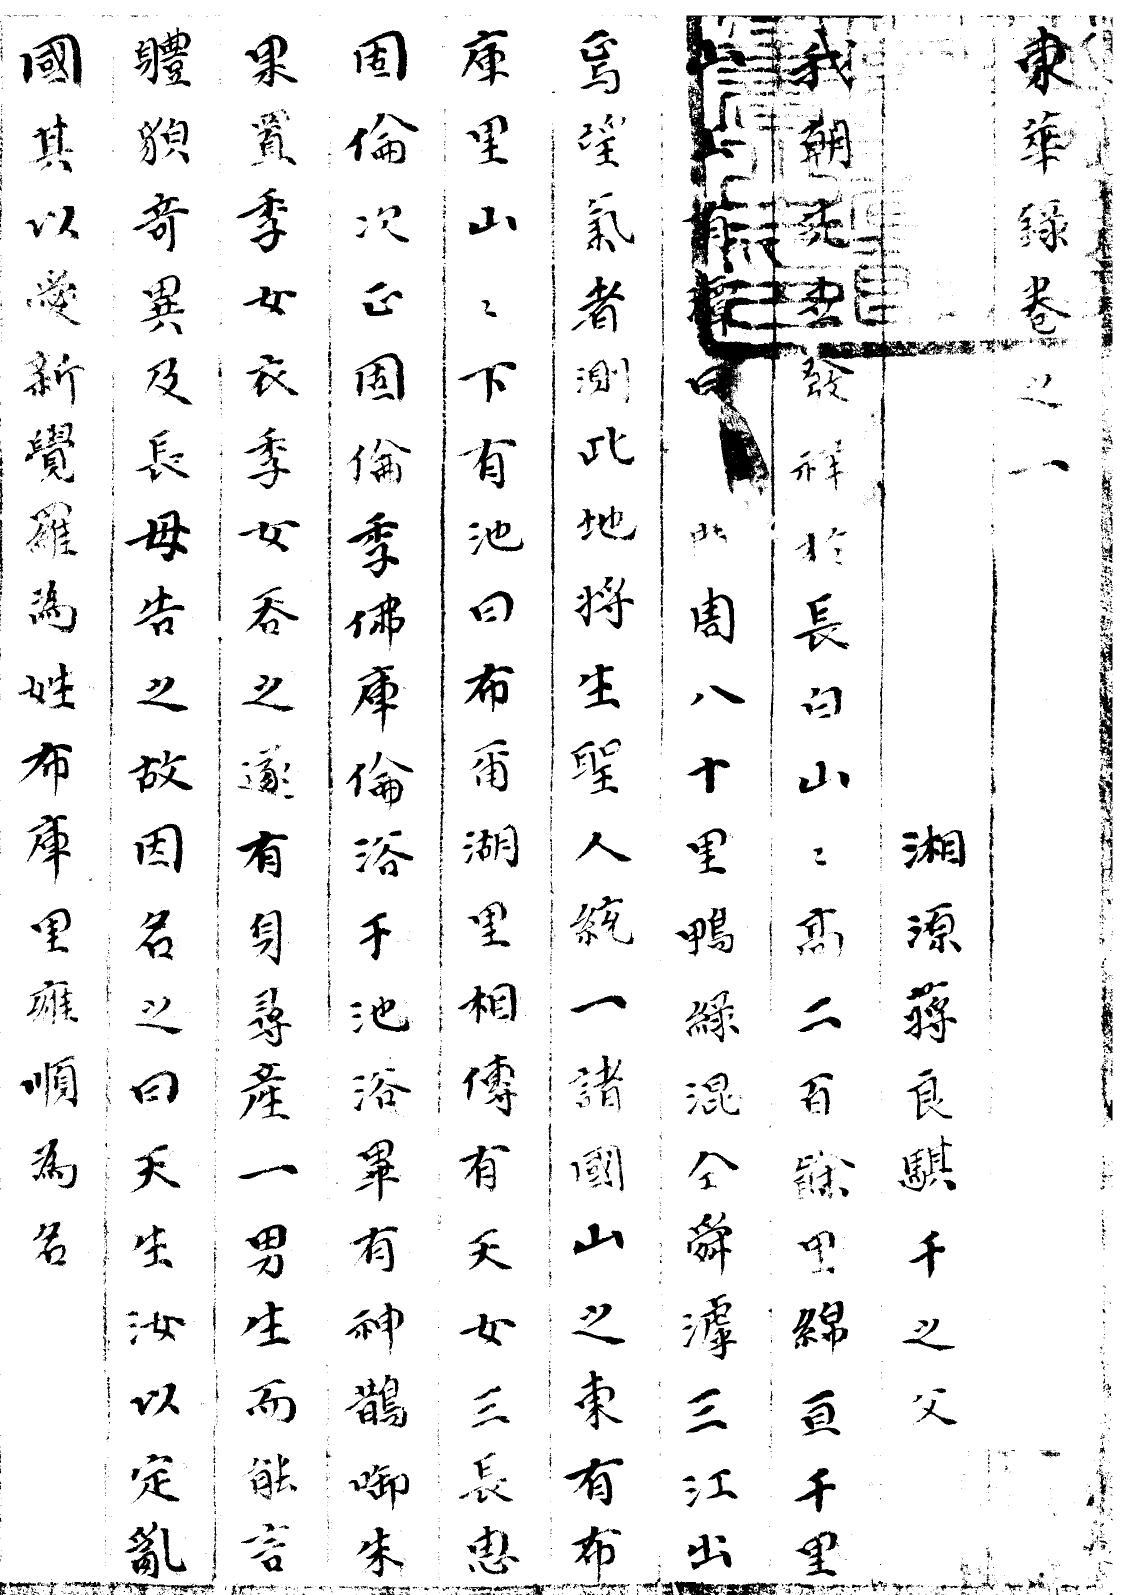 동화록(東華錄) 태조 누르하치 국역01부-장백산과..